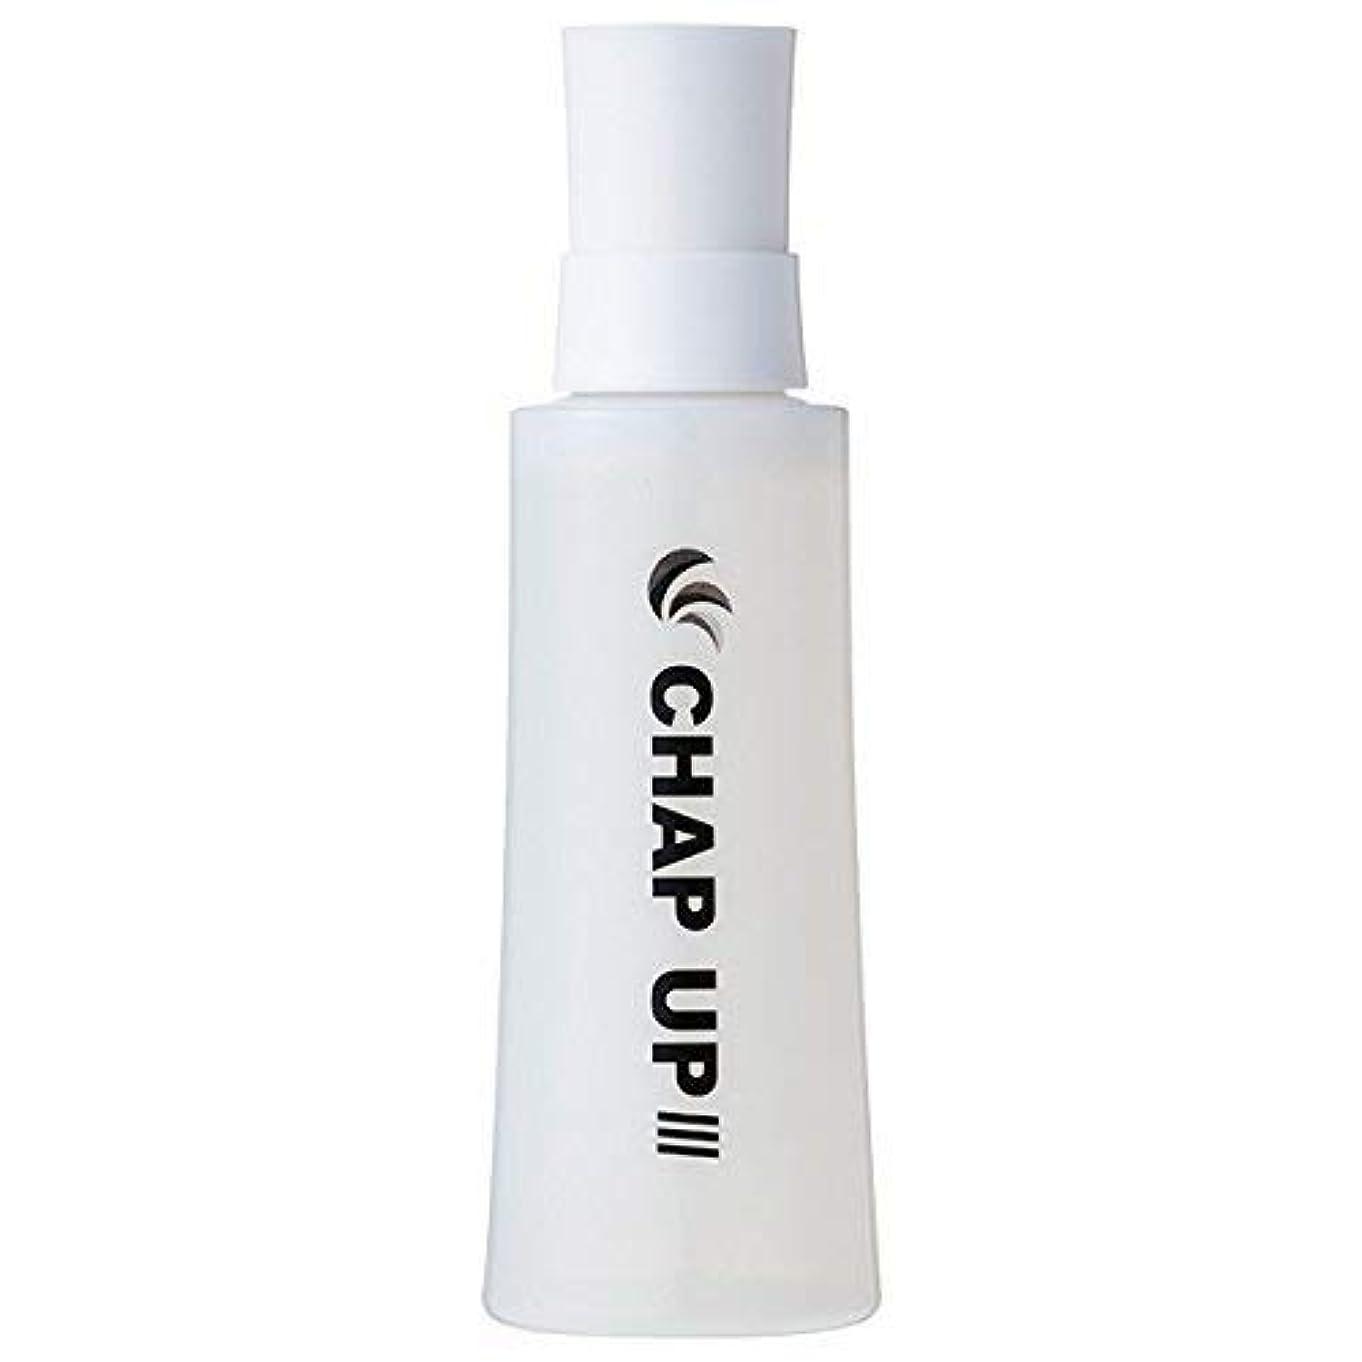 便益する必要がある上下する【医薬部外品】チャップアップ(CHAPUP) 男女兼用 薬用育毛剤(育毛ローション)1本